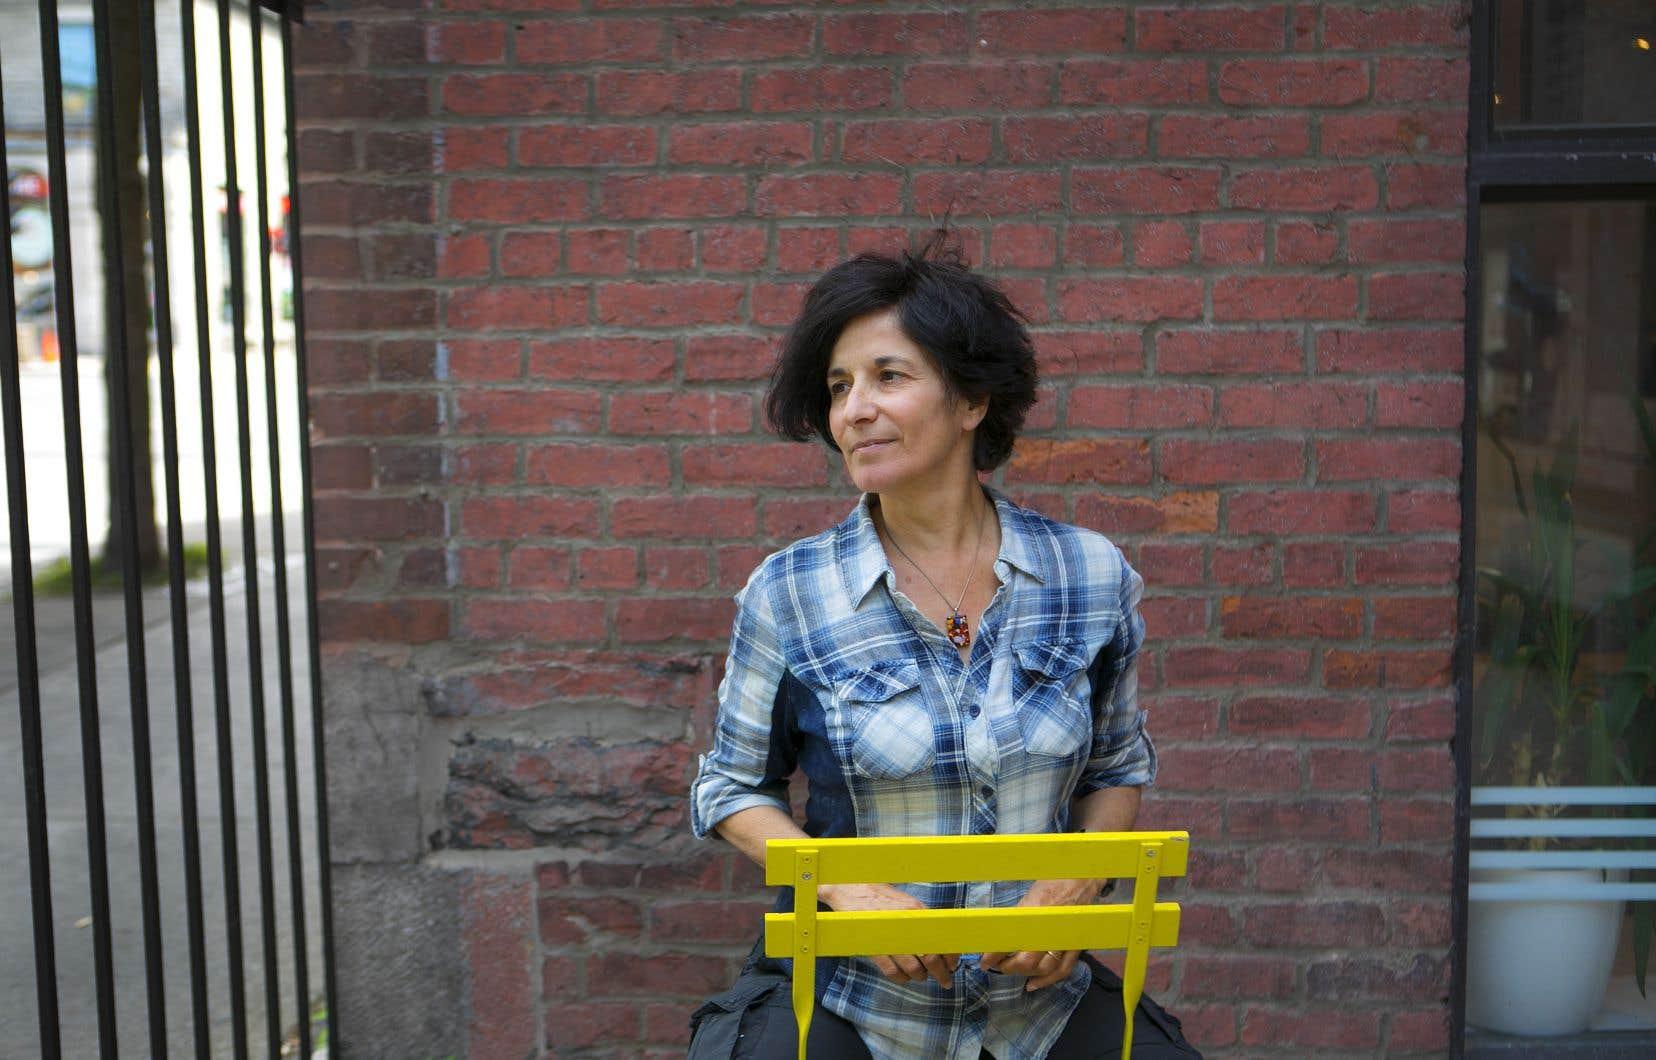 À l'opposé de notre époque, qu'elle trouve d'ailleurs difficile, Maryse Warda est une artiste à l'identité mouvante; elle a grandi en parlant arabe, mais aussi français, avant d'immigrer, enfant, au Québec.